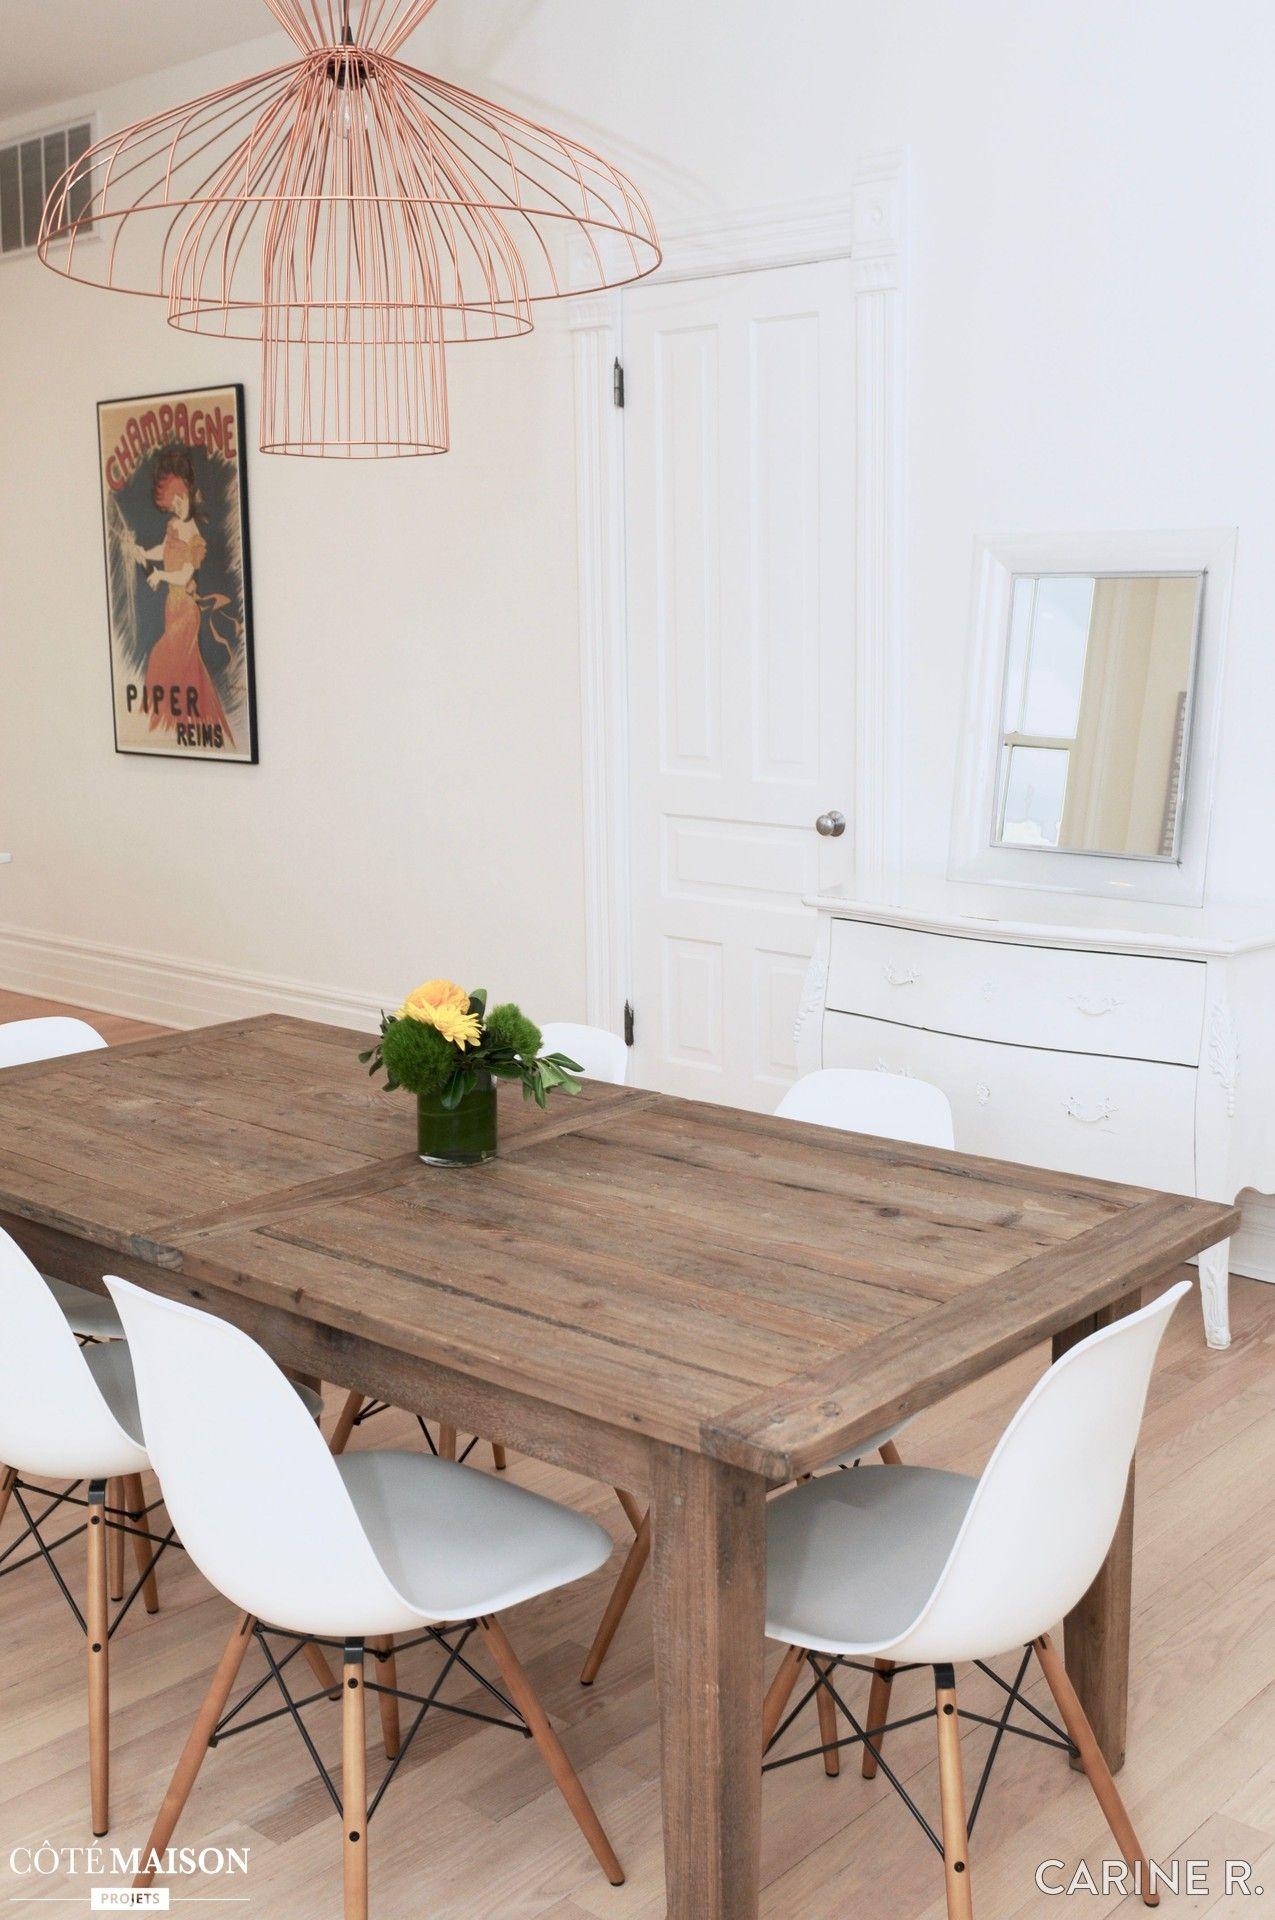 la table en bois brut de cette salle manger r chauffe l 39 atmosph re our dream home. Black Bedroom Furniture Sets. Home Design Ideas